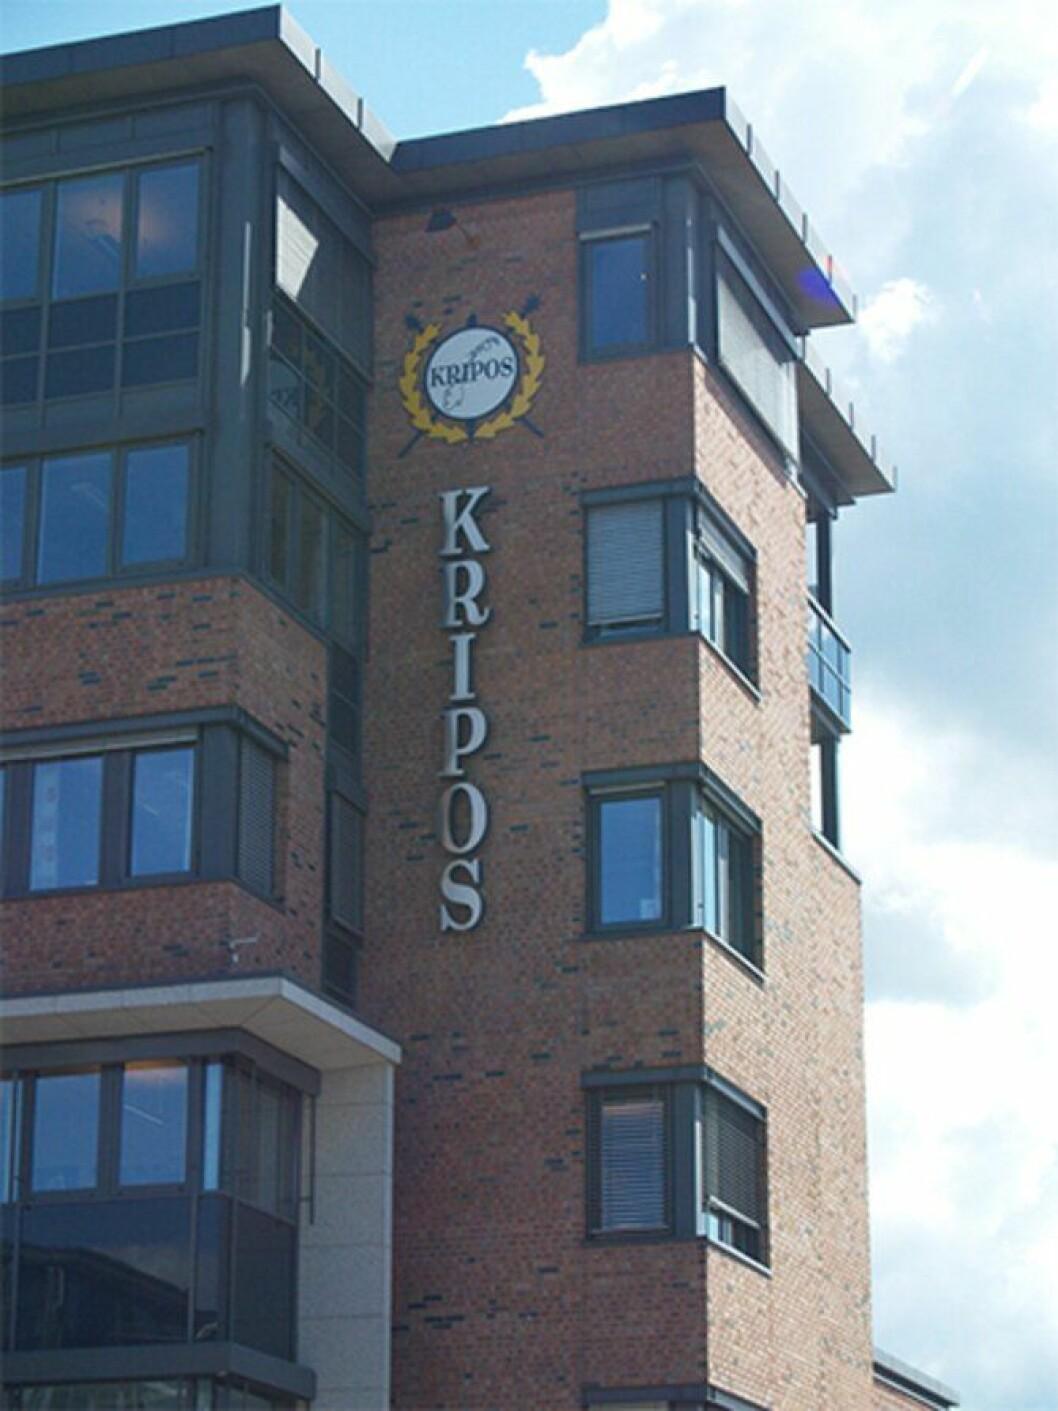 Kripos på Brynseng i Oslo.